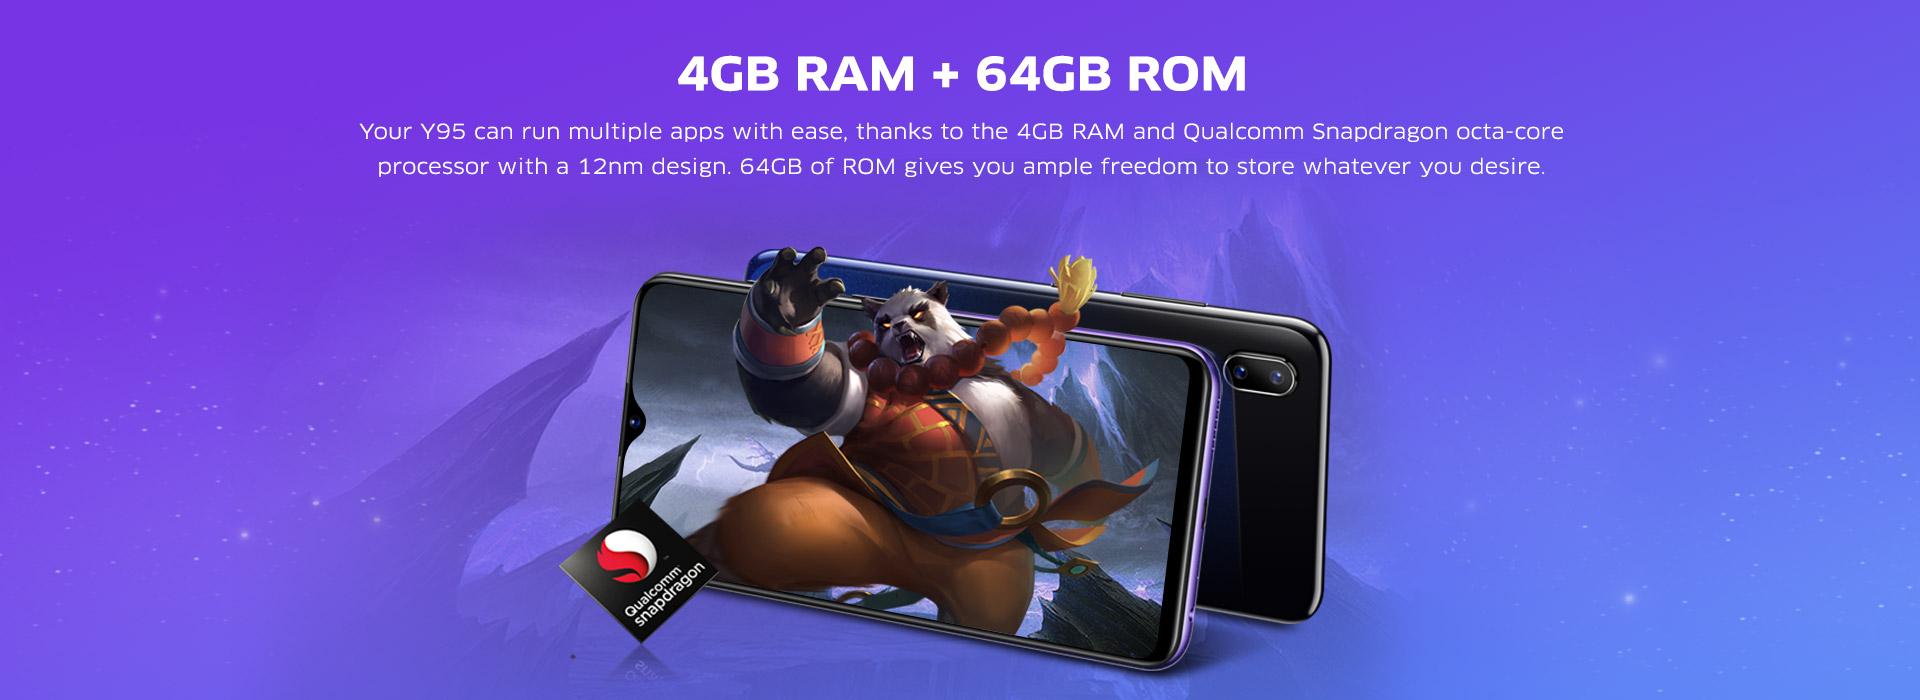 Buy Vivo Y95 4GB RAM Smartphone